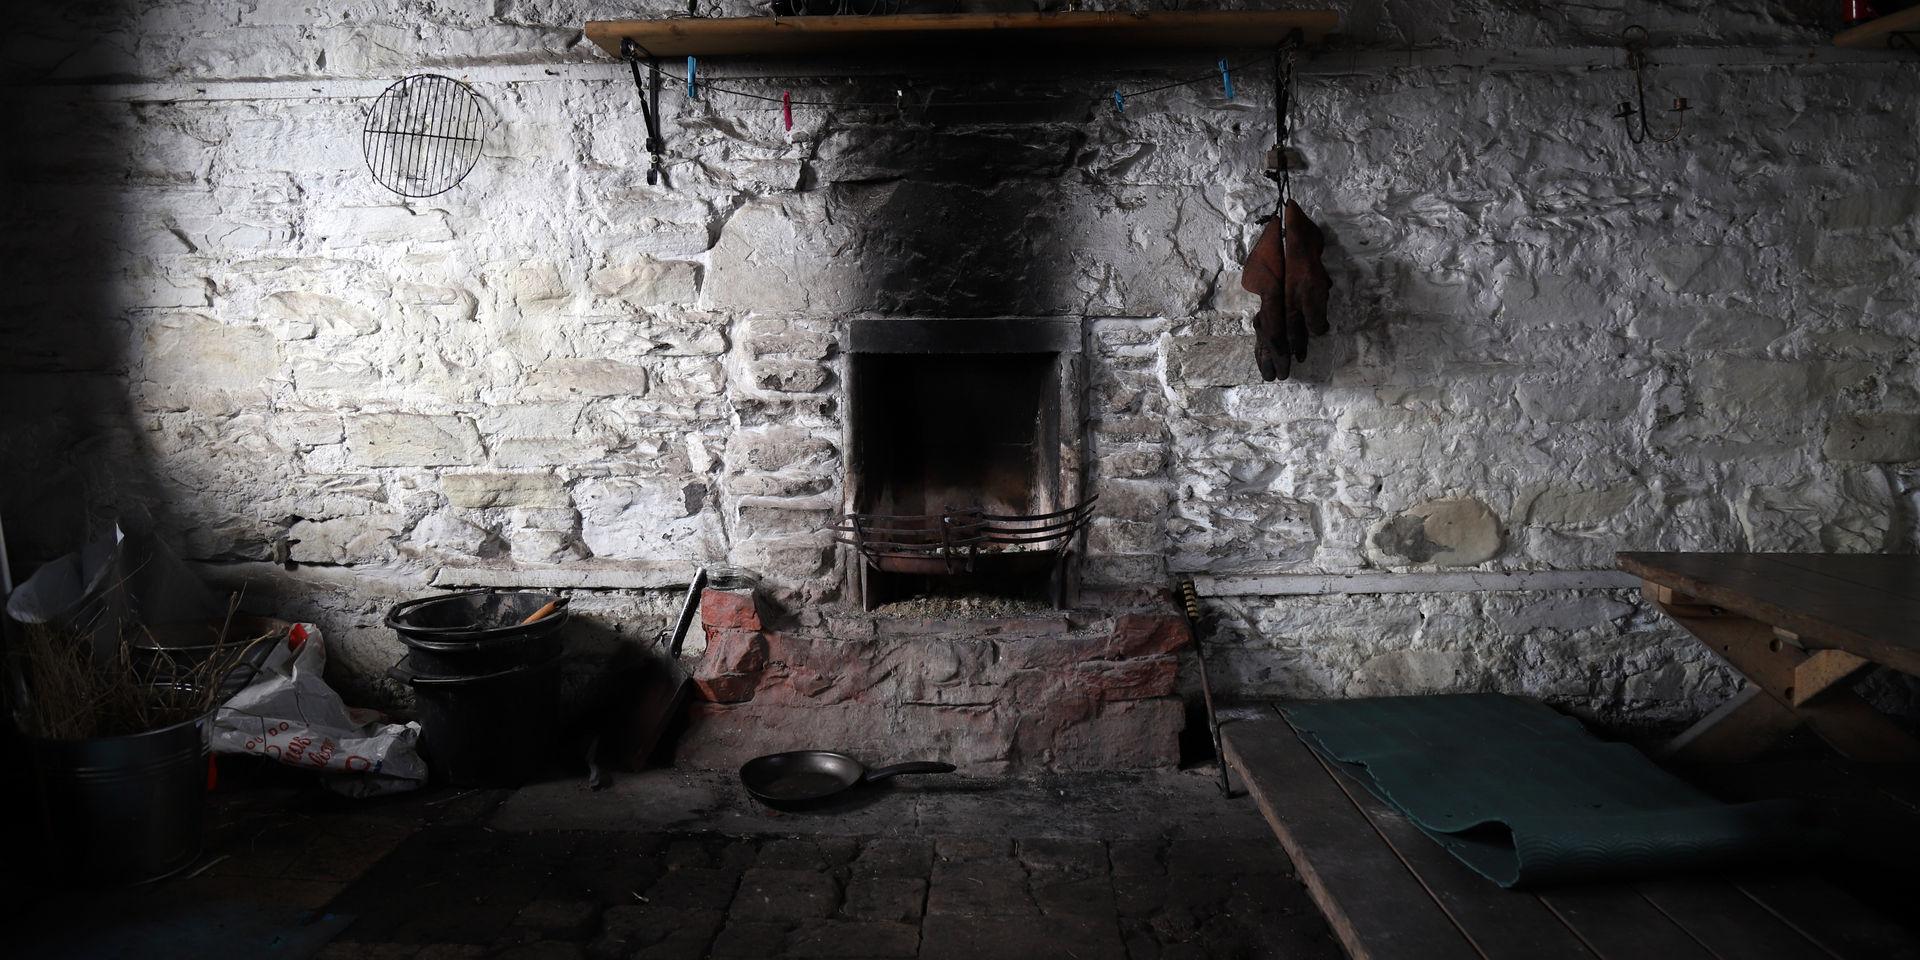 allt sheicheachan fireplace